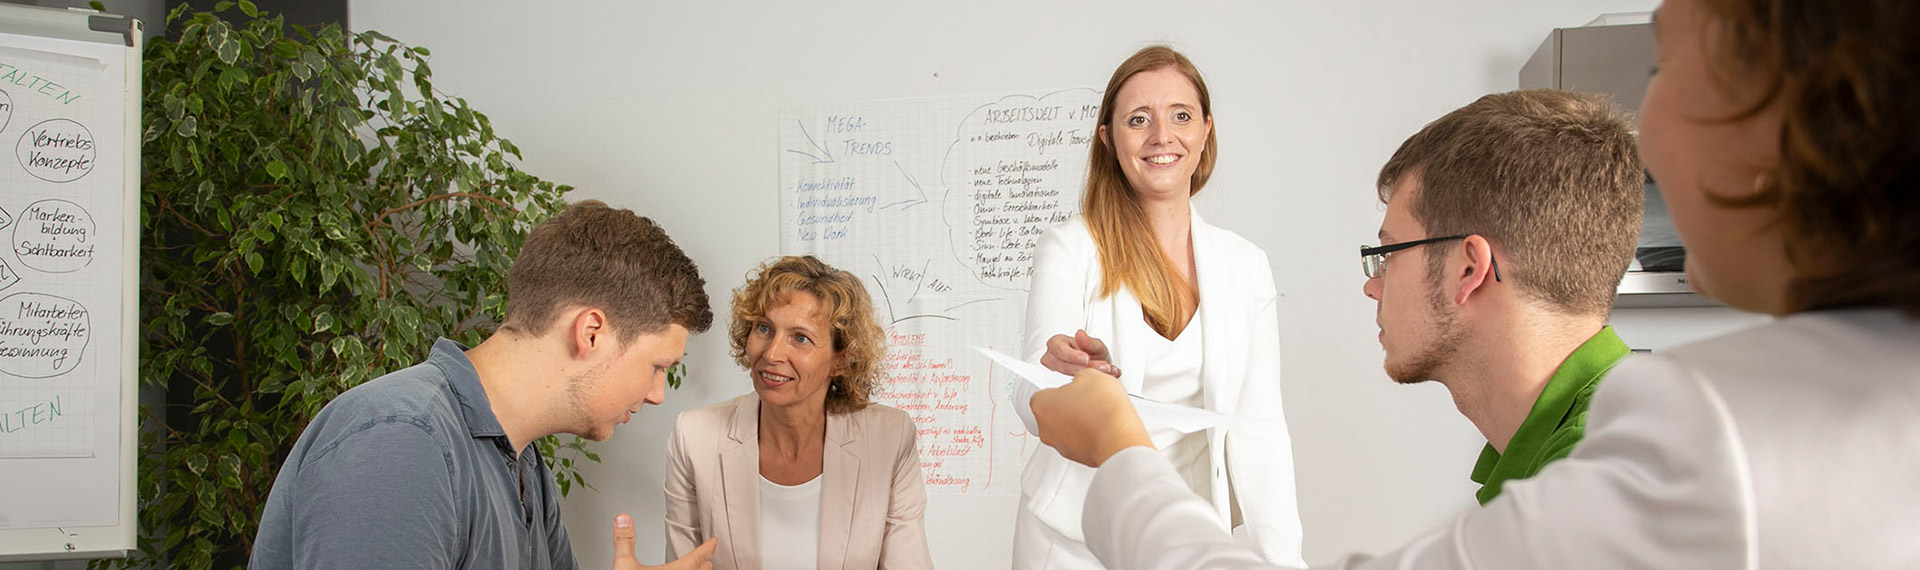 Mitarbeiterführung in der digitalen Transformation -Sind Sie gerüstet für die Führungsaufgaben der Zukunft?